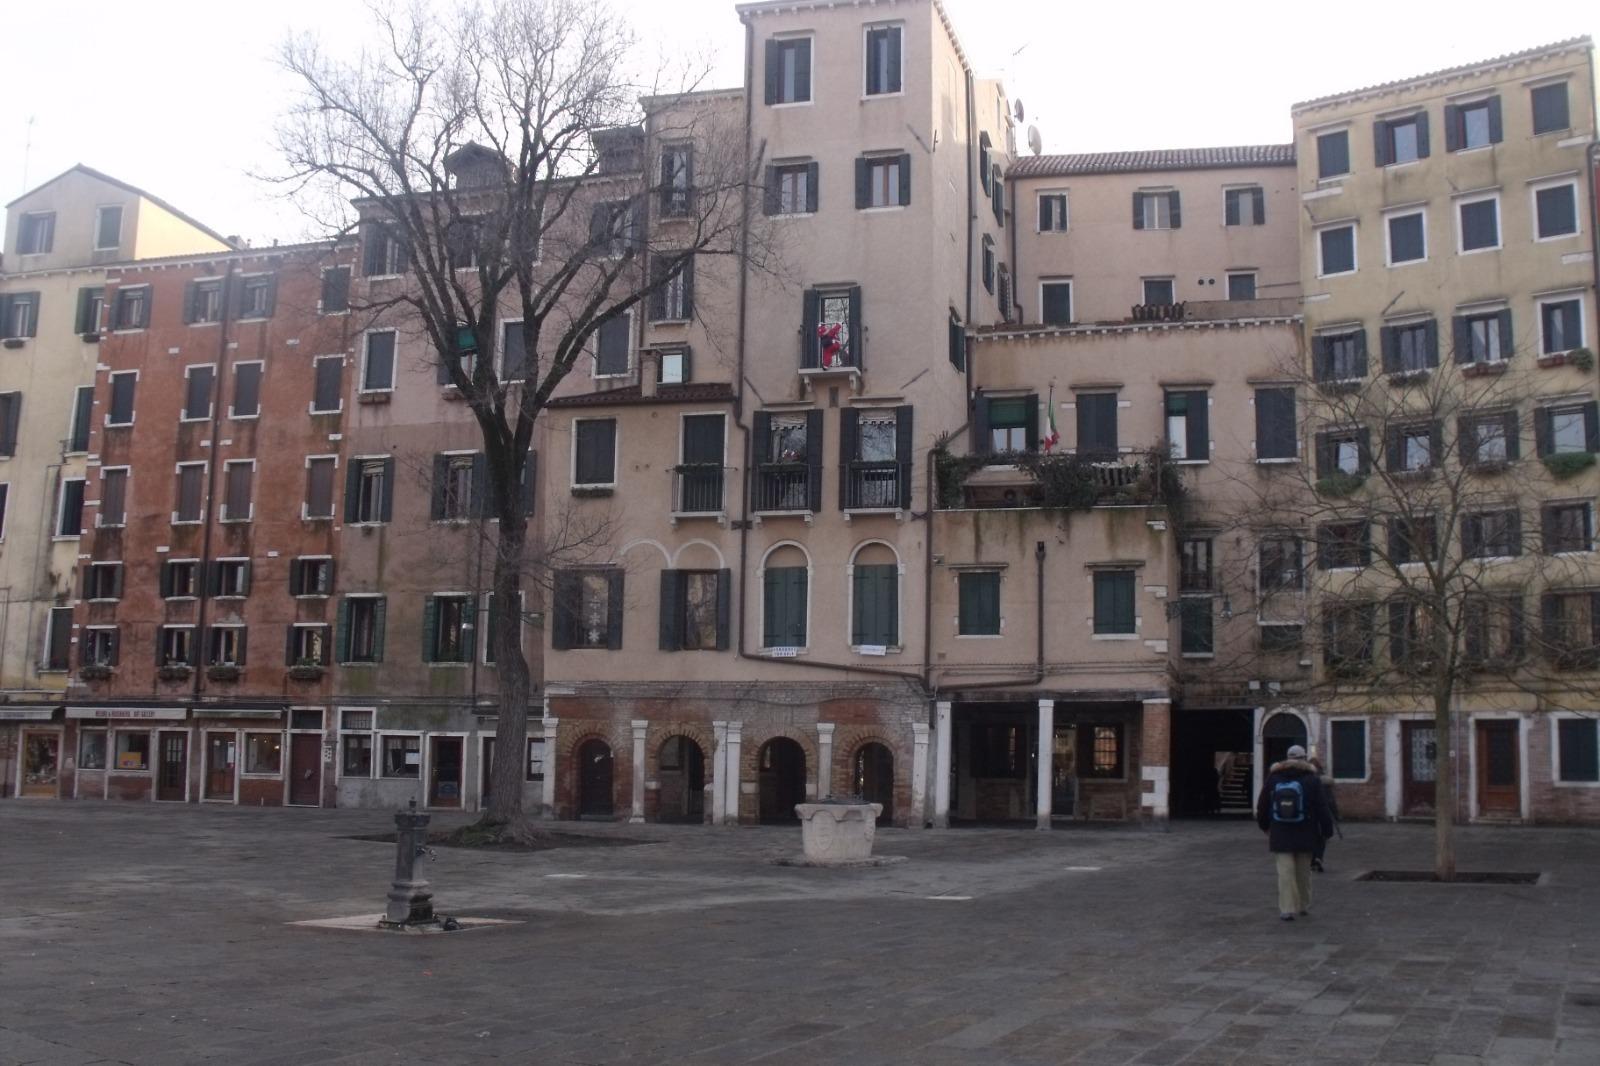 venezia3-1600183195.jpg